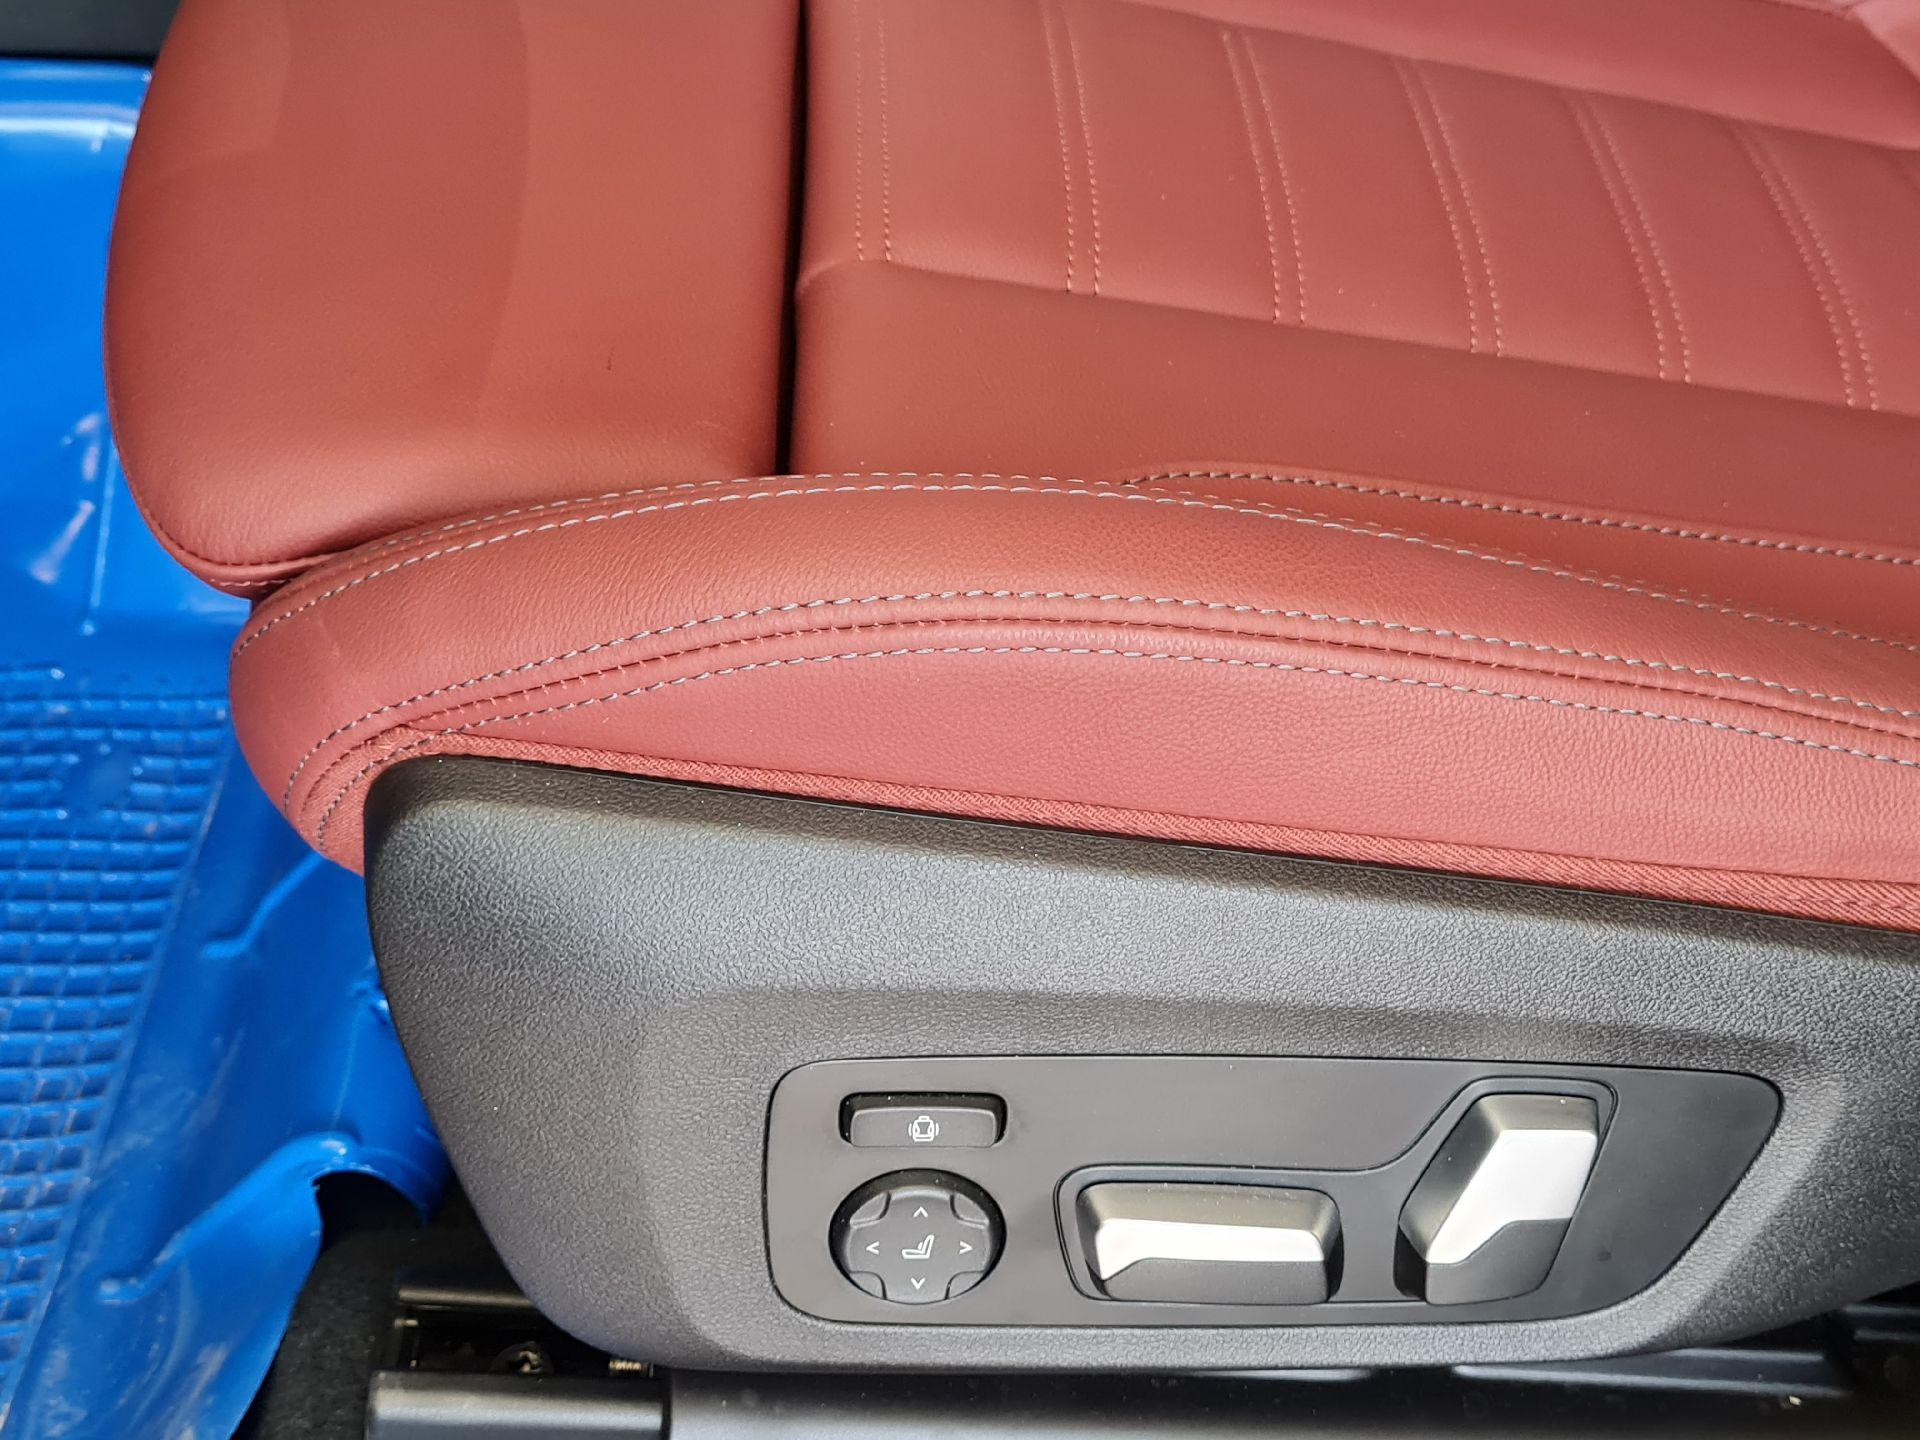 BMW الفئة X 4 xDrive 30i 2021 فل خليجي للبيع في الرياض - السعودية - صورة كبيرة - 9